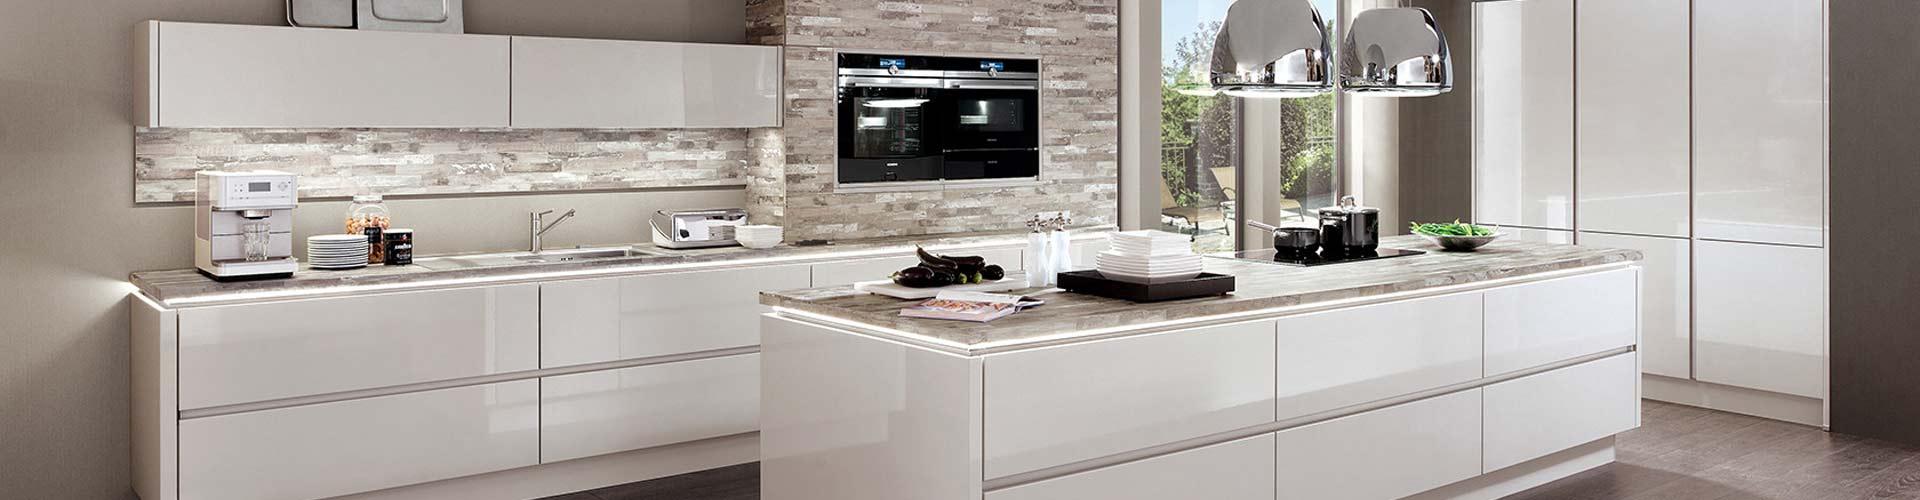 Moderne Küchen • Küchenwelt Klinkhamels • Küchen kaufen in ...